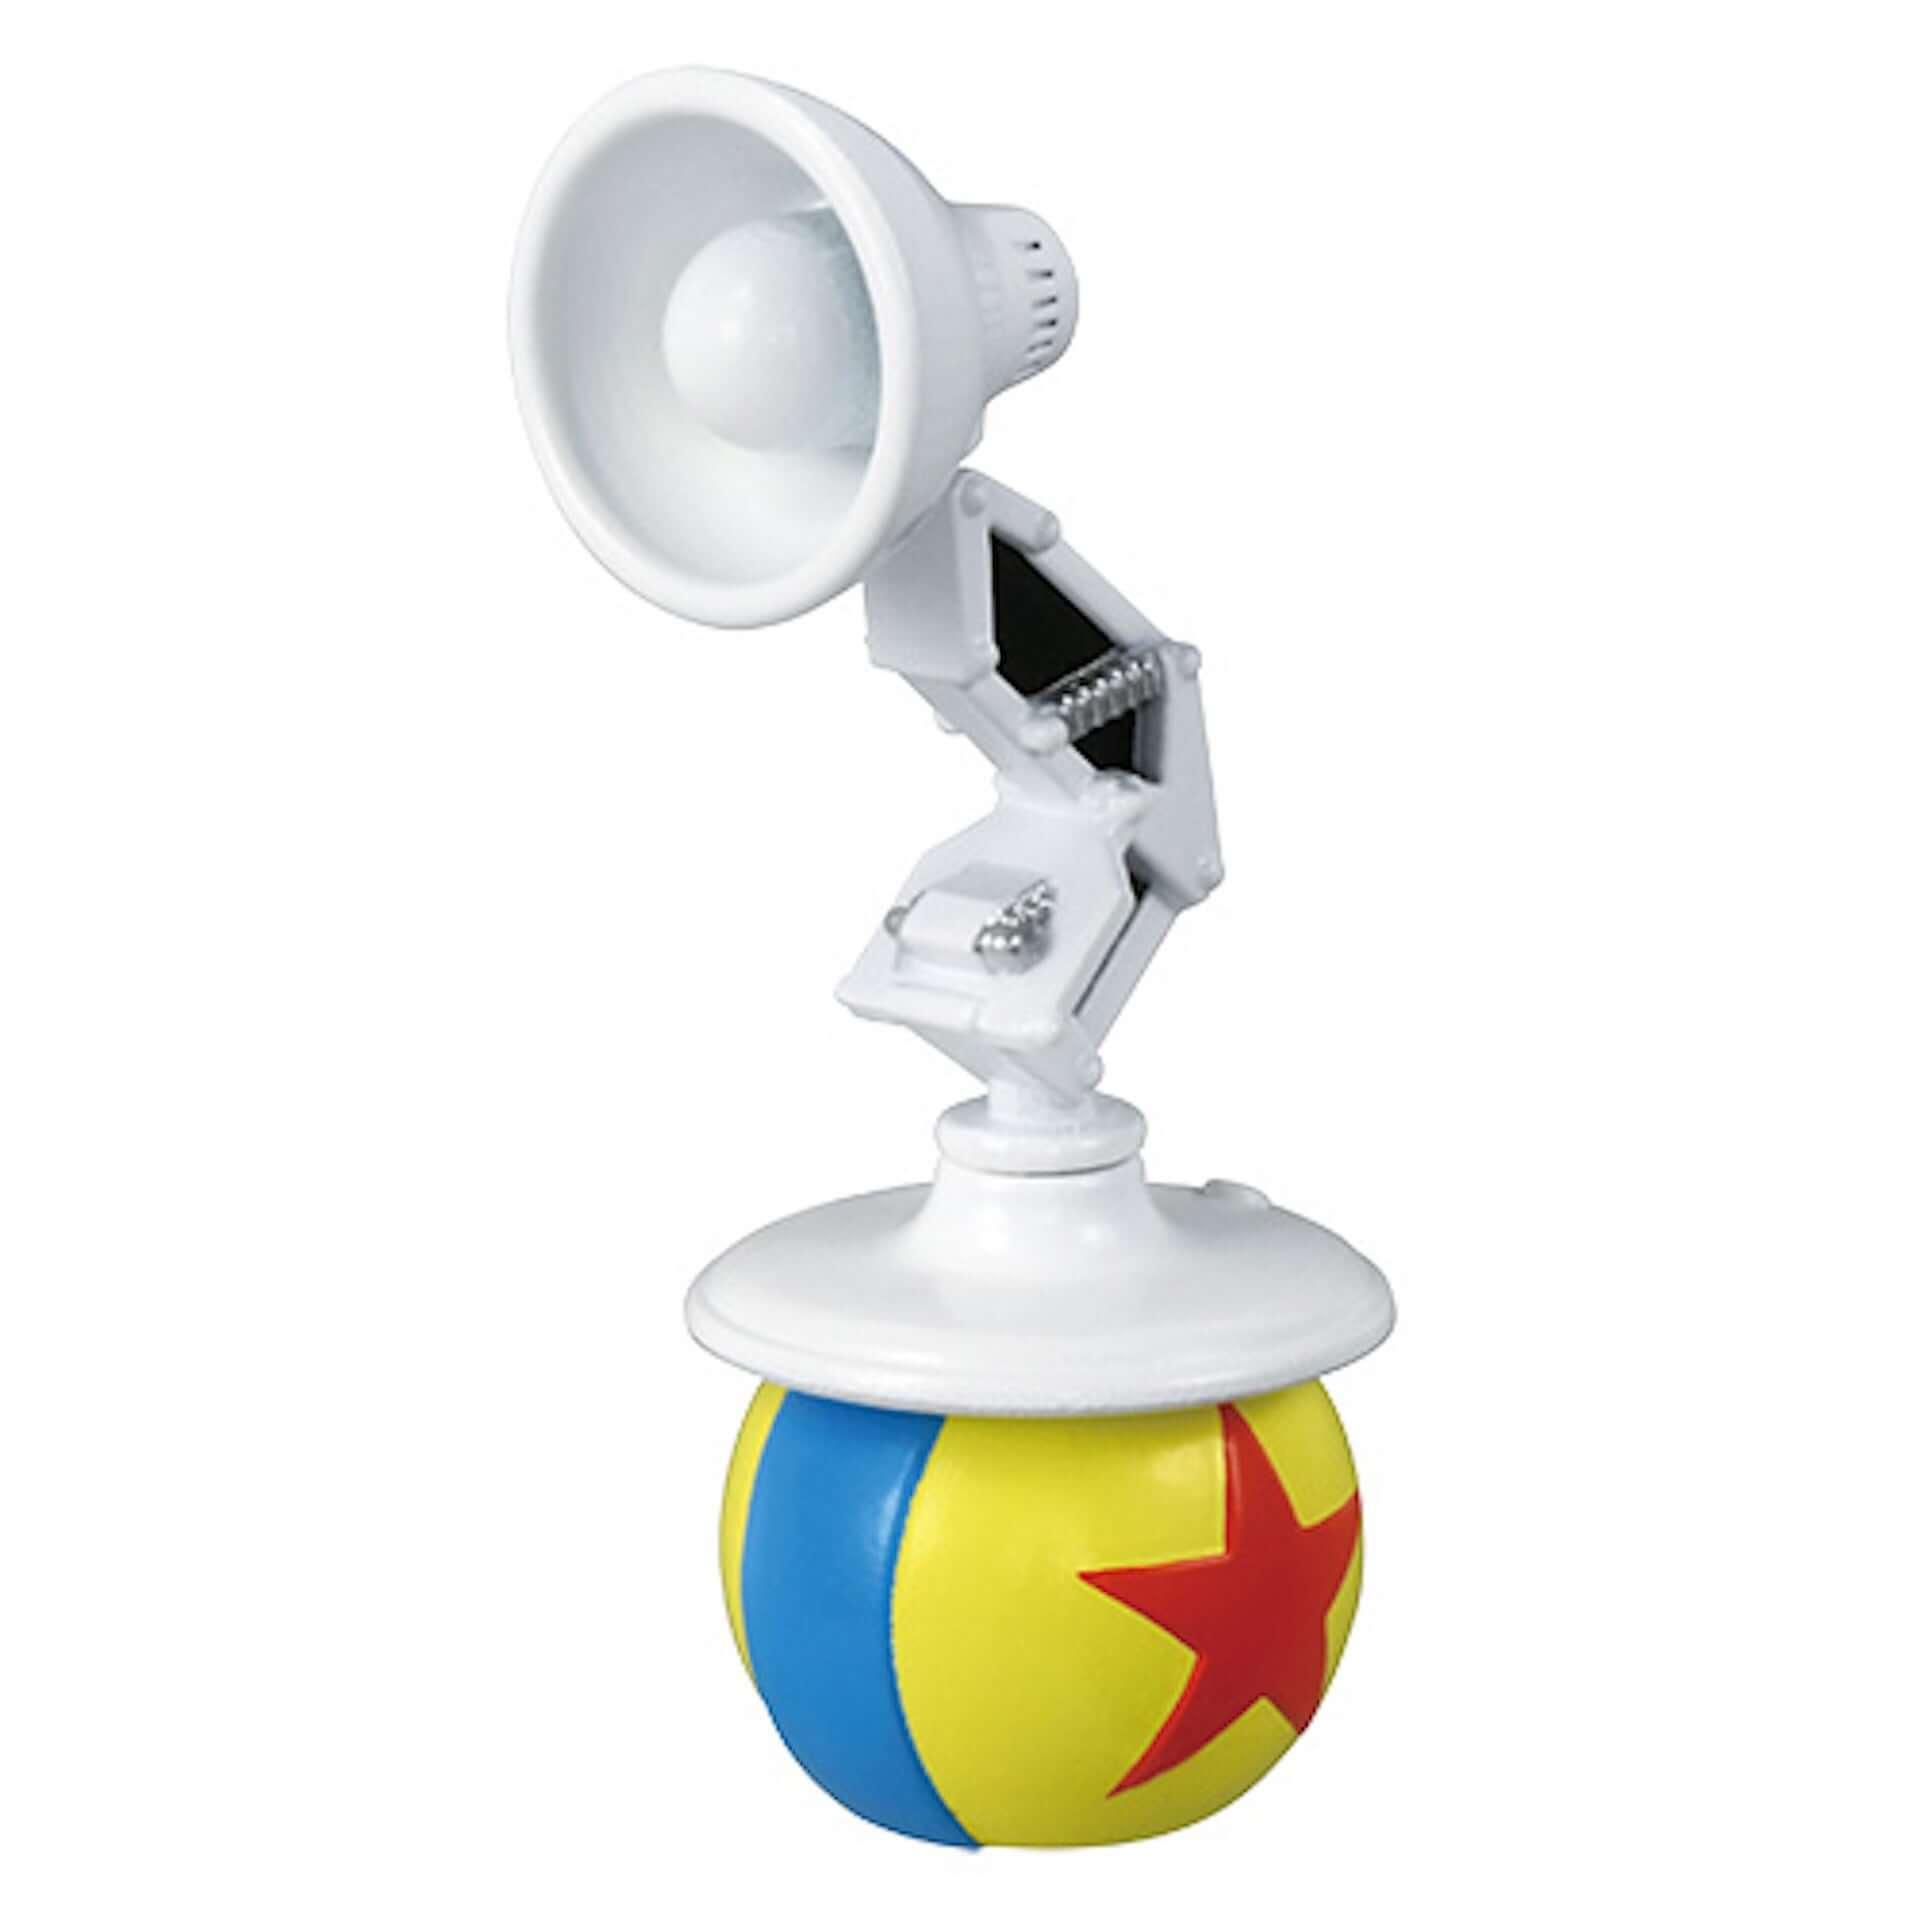 『トイ・ストーリー』25周年記念!ピクサー作品をテーマにしたコンテンツが多数展開&バズ・ライトイヤー初期スケッチも日本初公開 art201008_disney-pixar_19-1920x1920